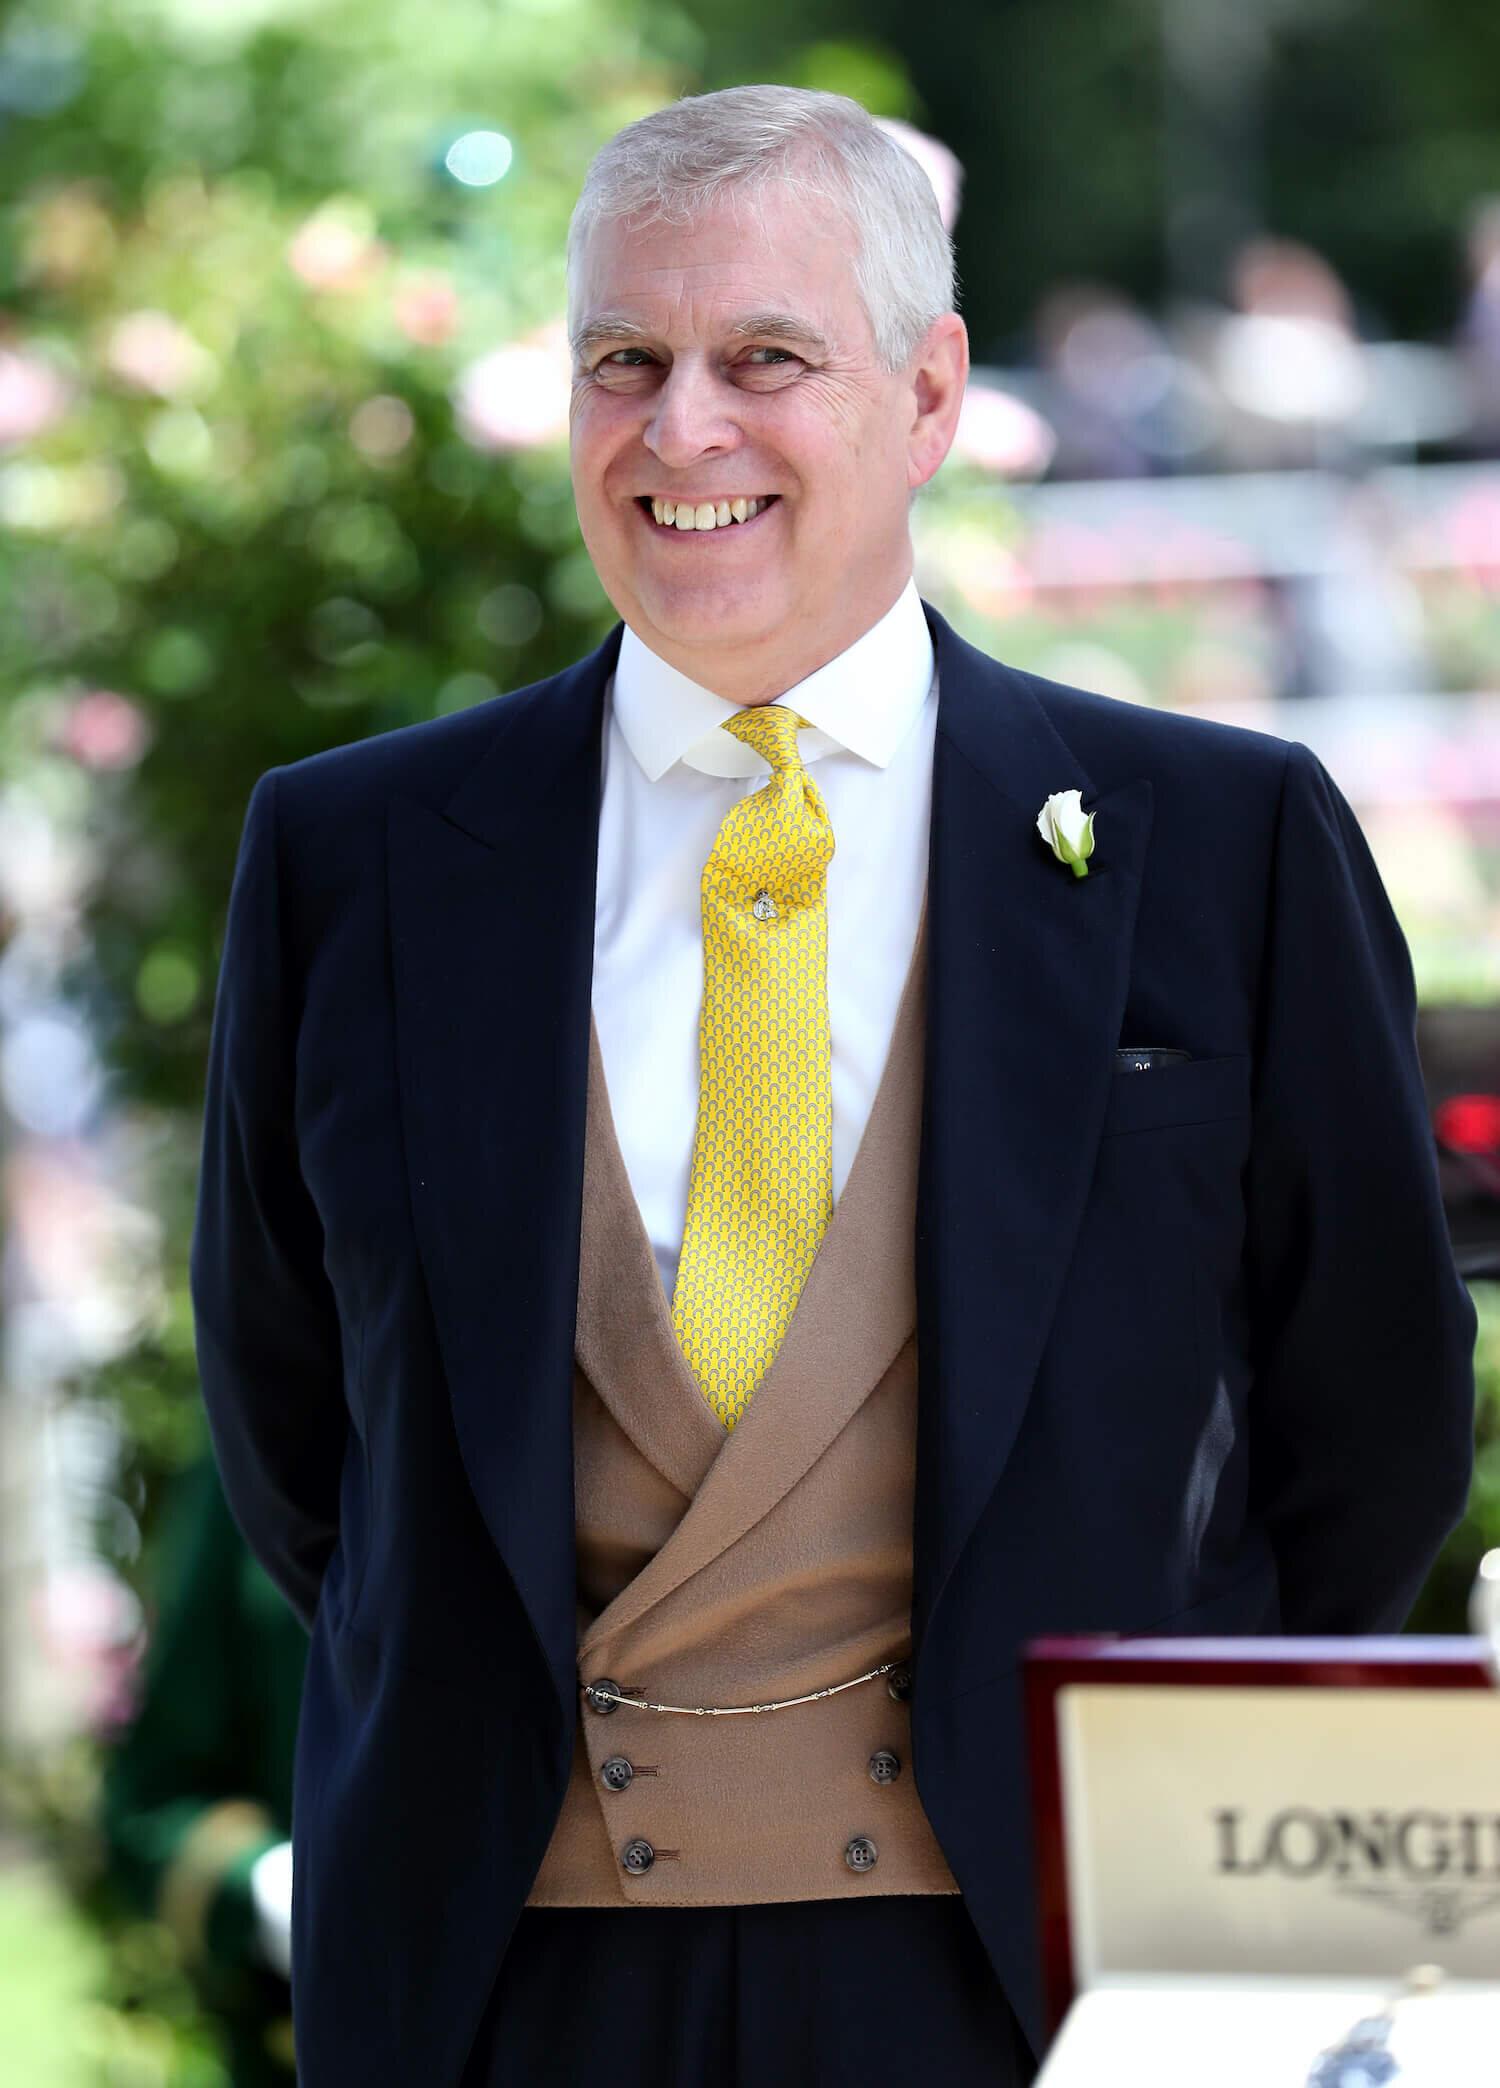 Prinz Andrew ist im November von seinen royalen Pflichten zurückgetreten.   ©picture alliance / empics